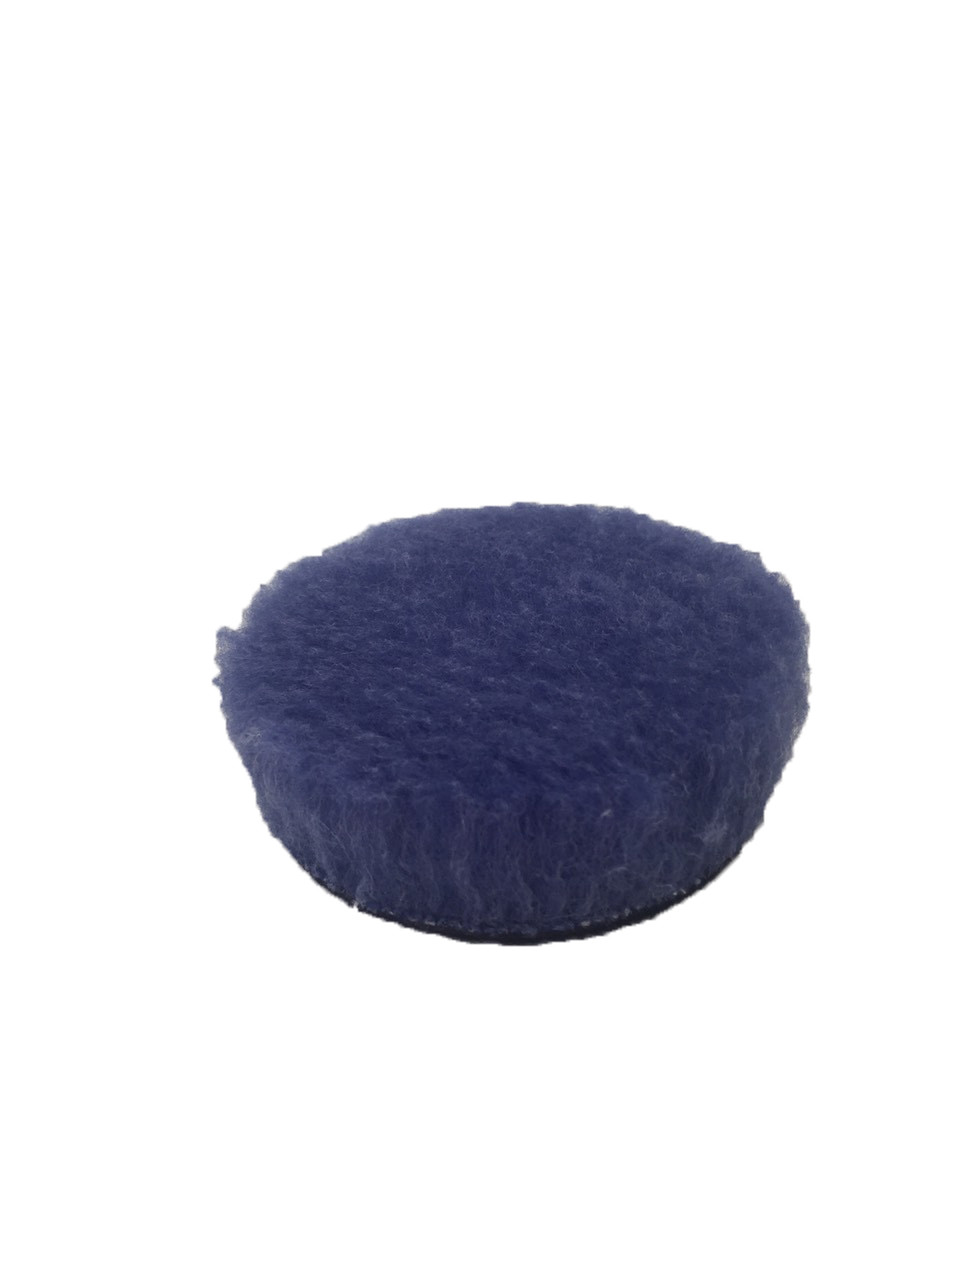 Полировальный круг гибридная шерсть - Lake Country Blue Hybrid Wool 75 мм. (HYB-80-1)